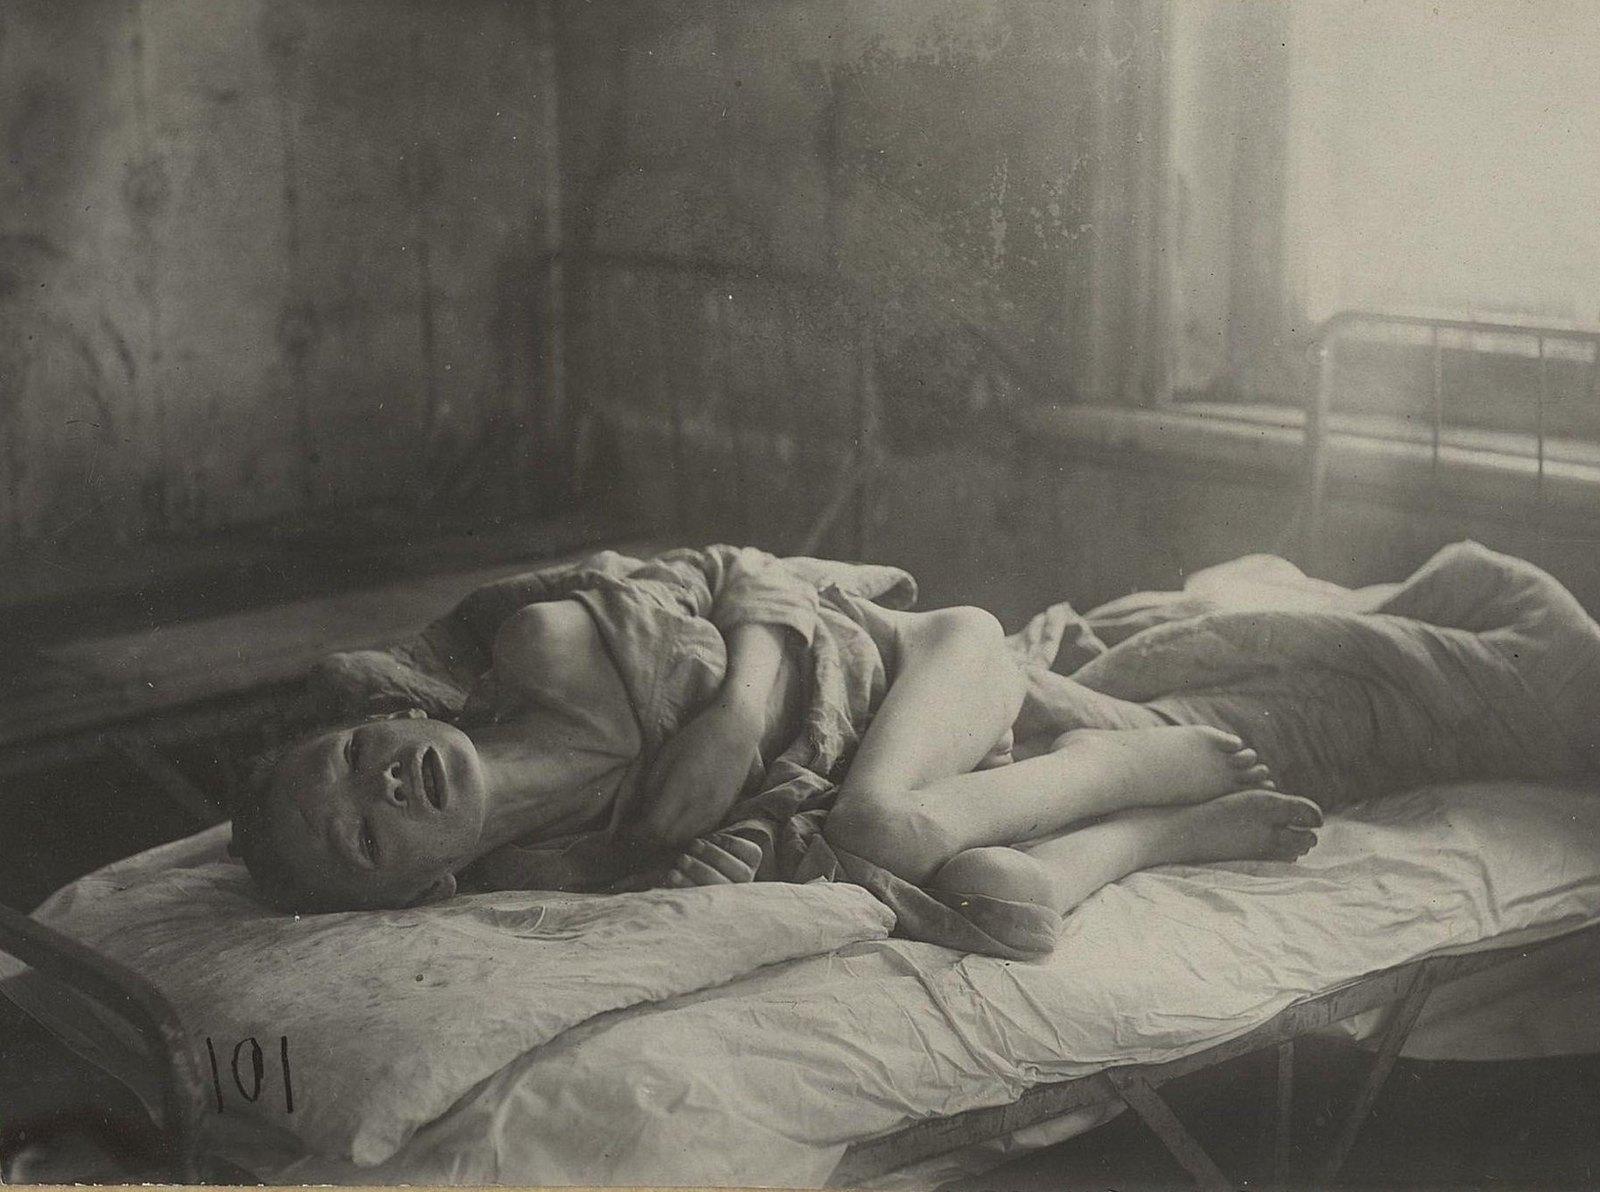 Больница для детей. Вопль от боли и муки больного цингой ребёнка. (Самарская губ., Бугурусланский уезд, г. Бугуруслан)